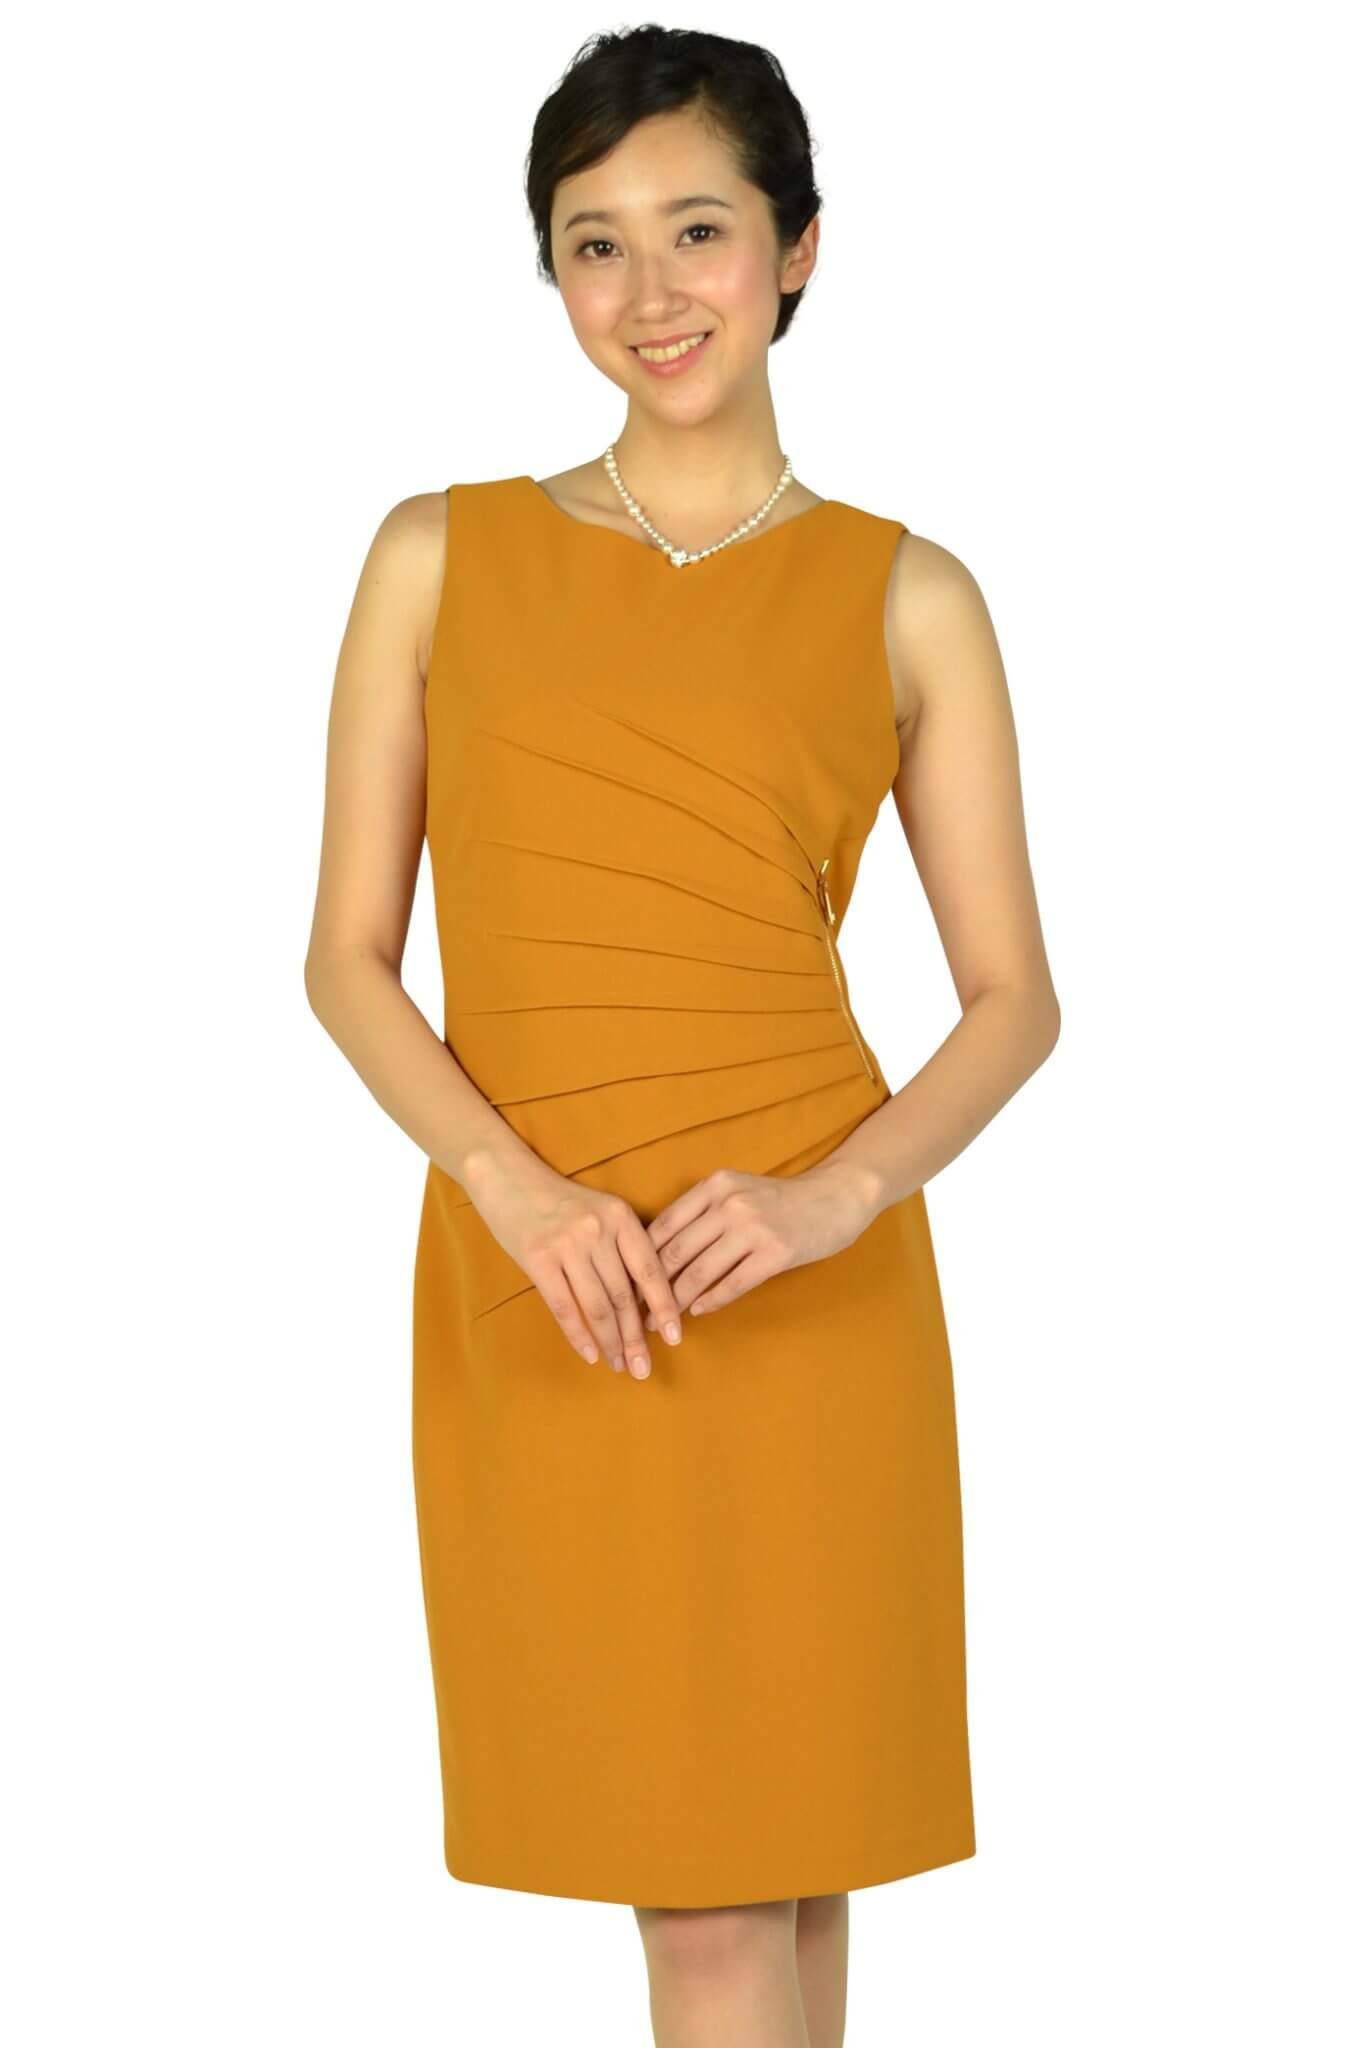 イヴァンカ トランプ (IVANKA TRUMP)ウエストタック&ファスナーマスタードドレス